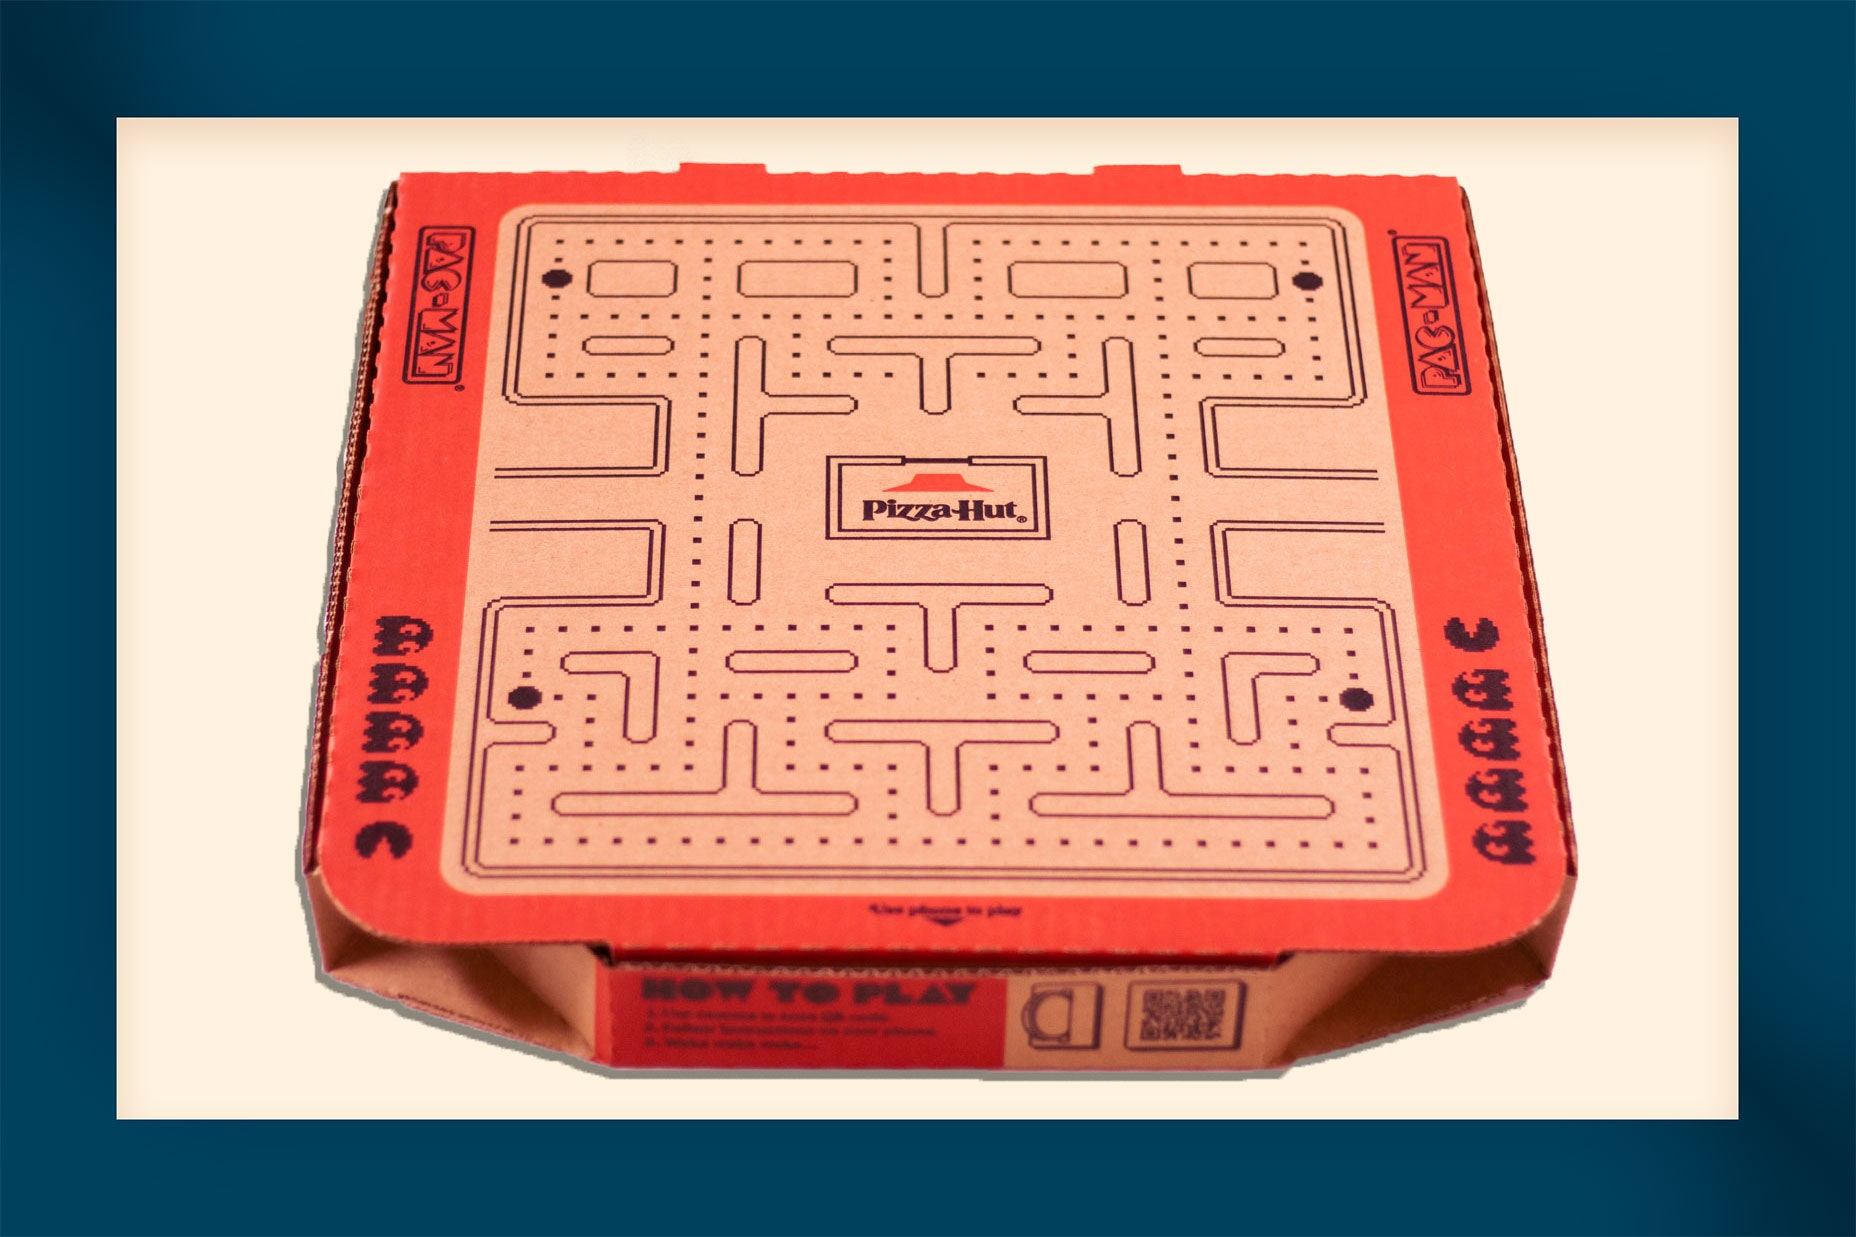 Pizza Hut Box Pac-Man